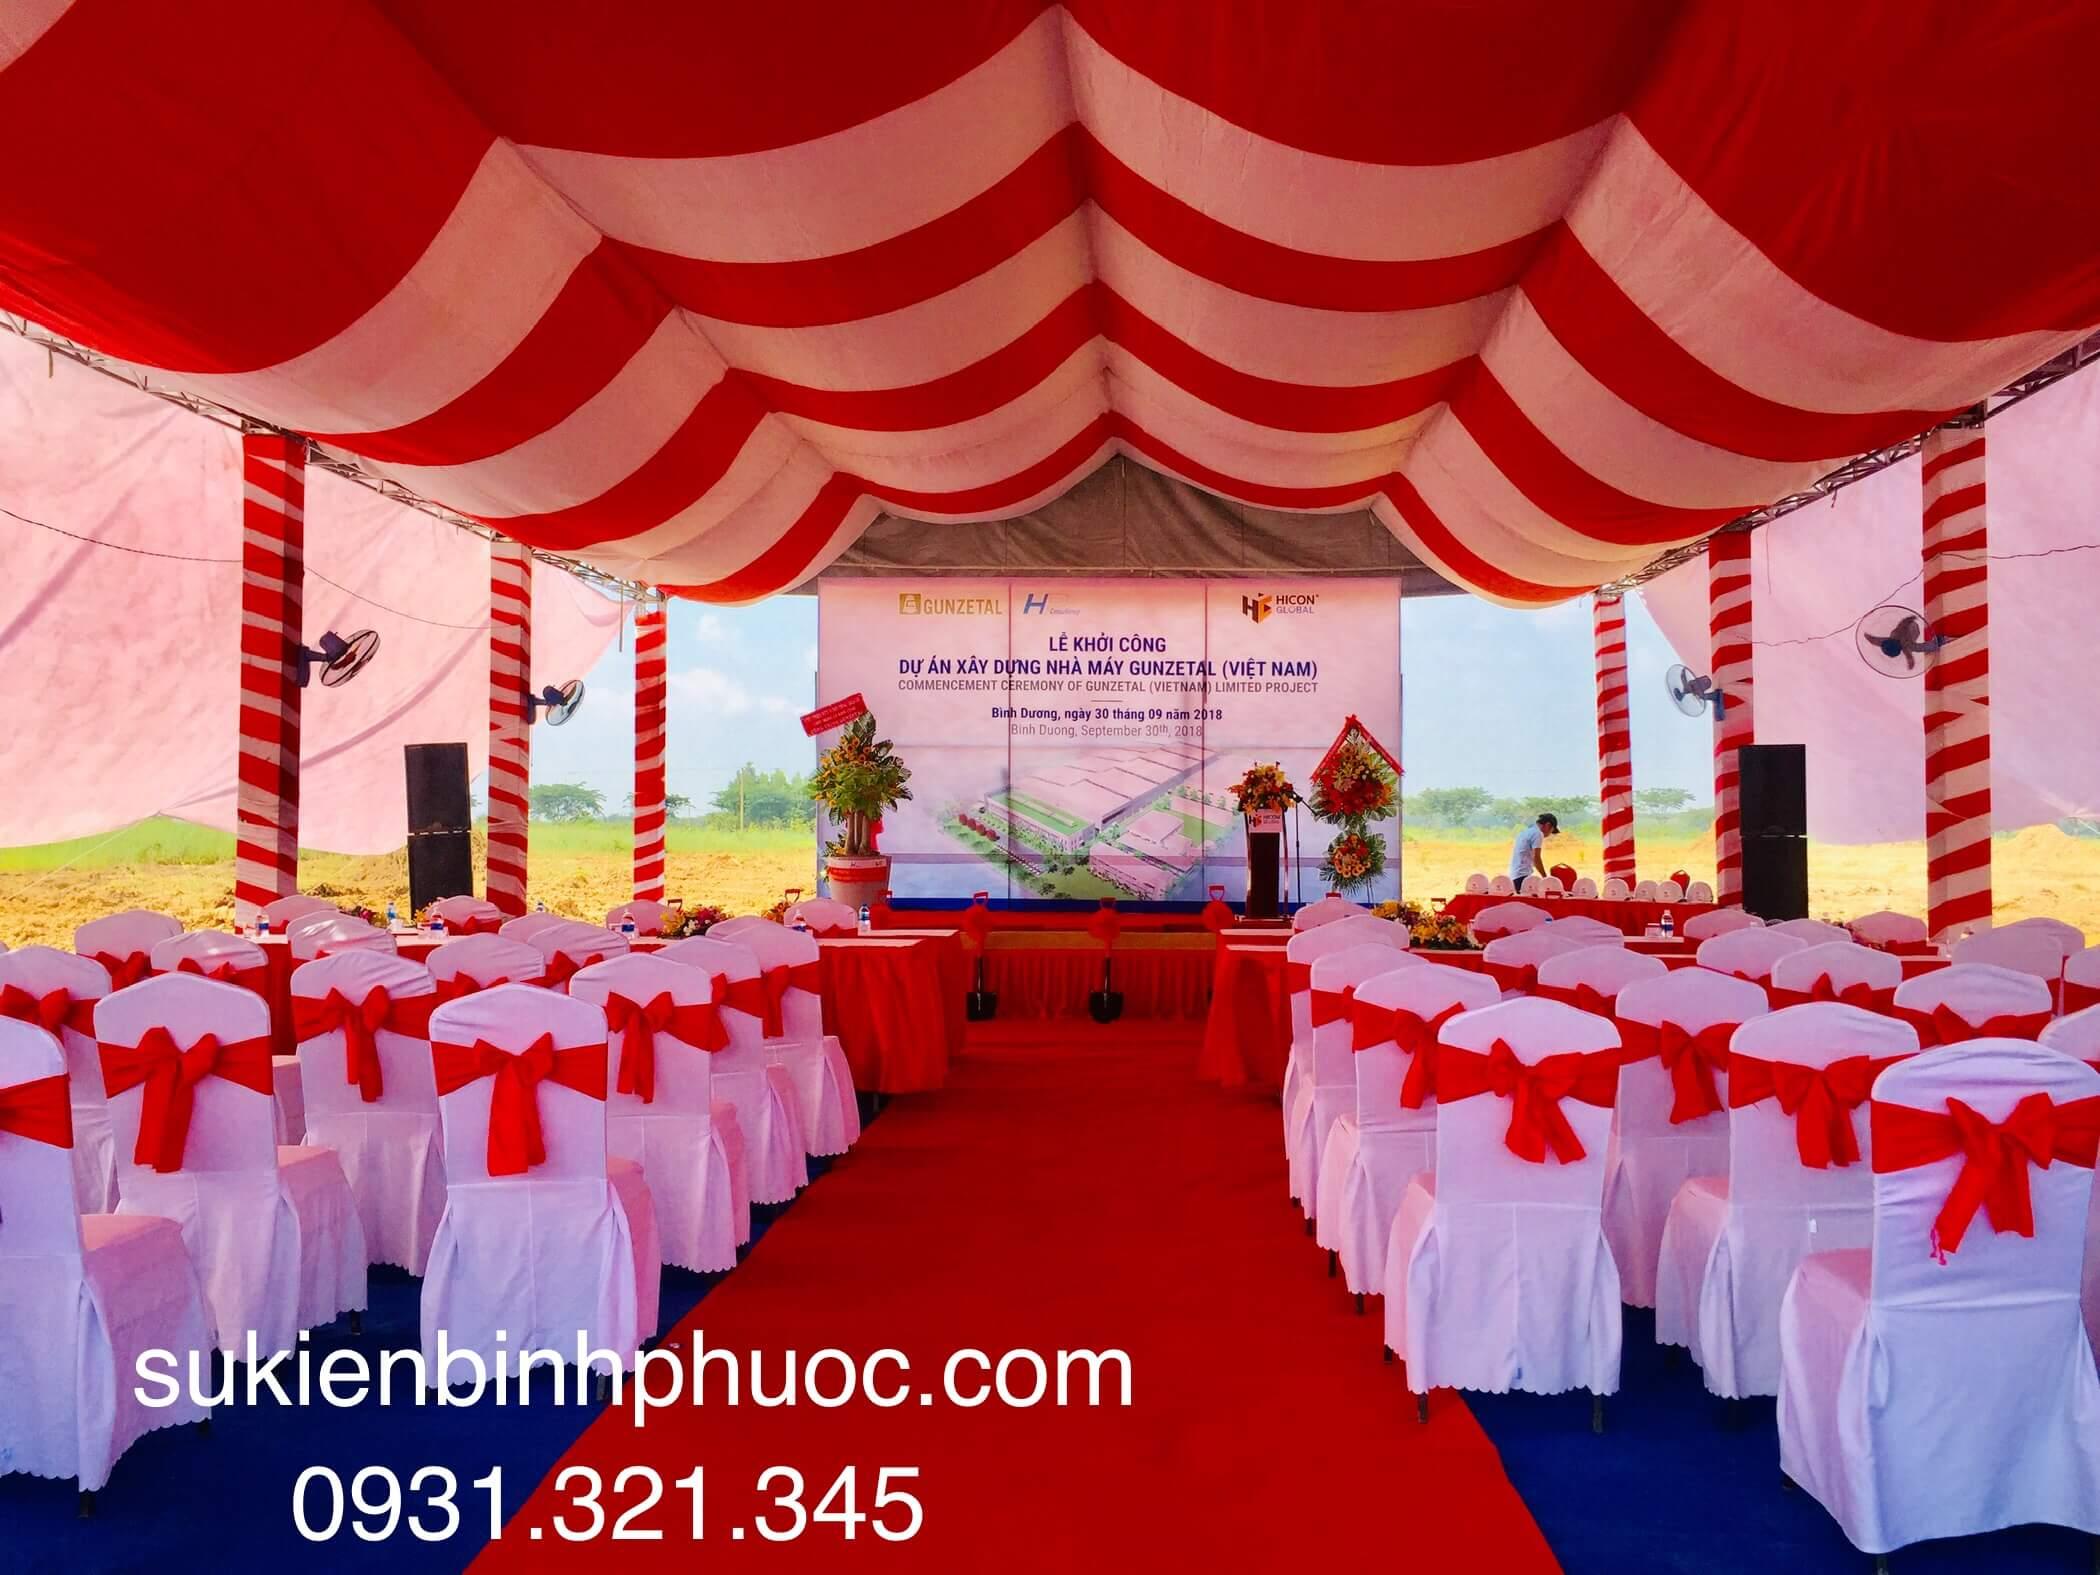 Tổ chức sự kiện Bình Phước - Uy Tín - Chuyên Nghiệp